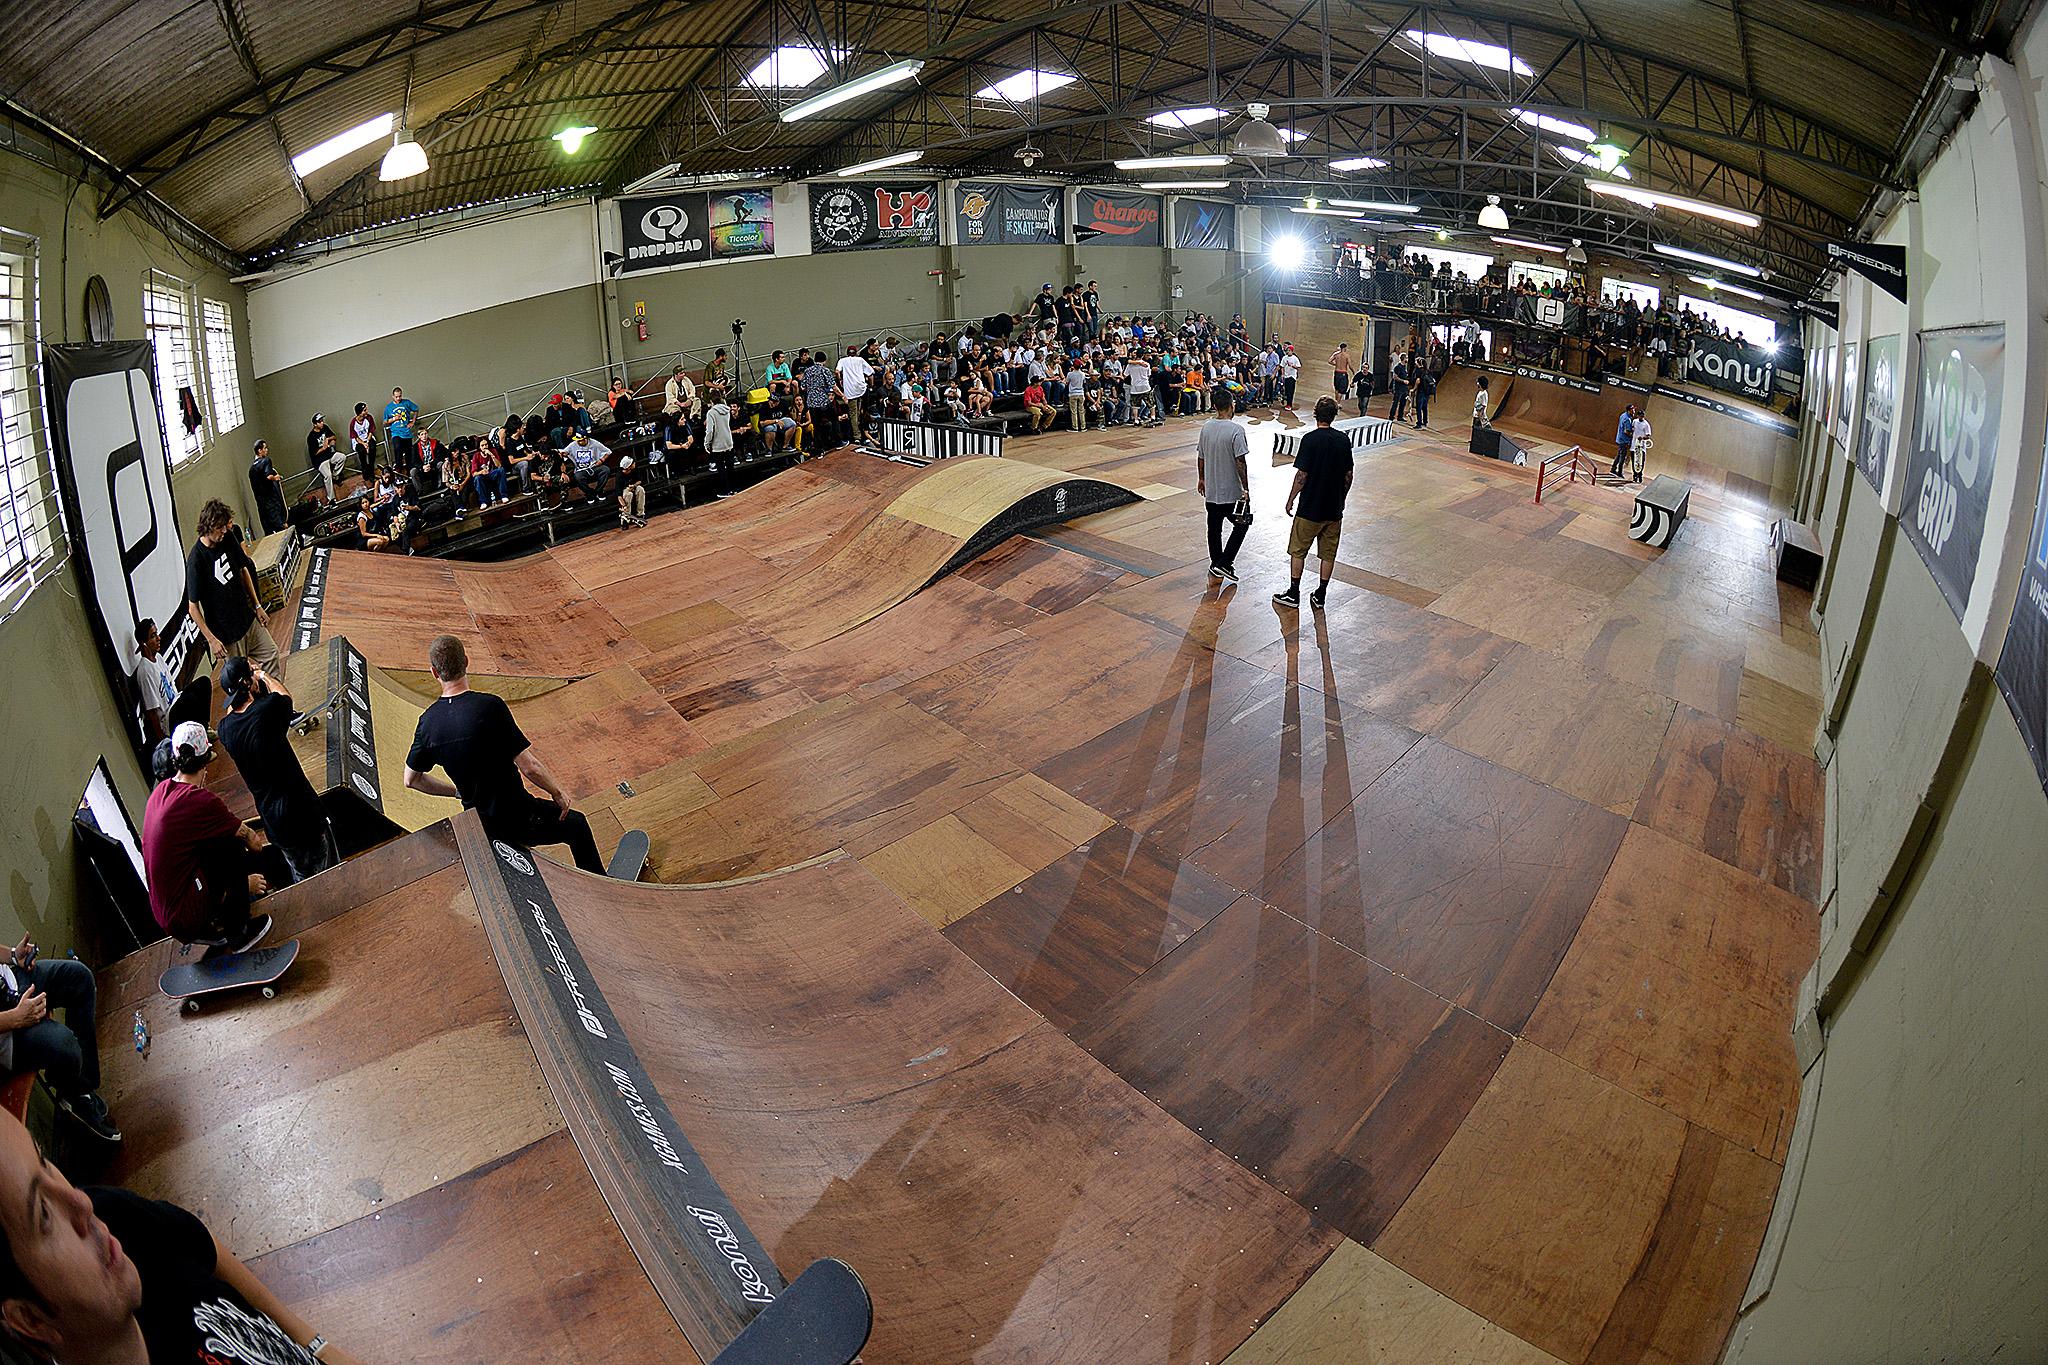 Drop Dead Skate Pro 2013